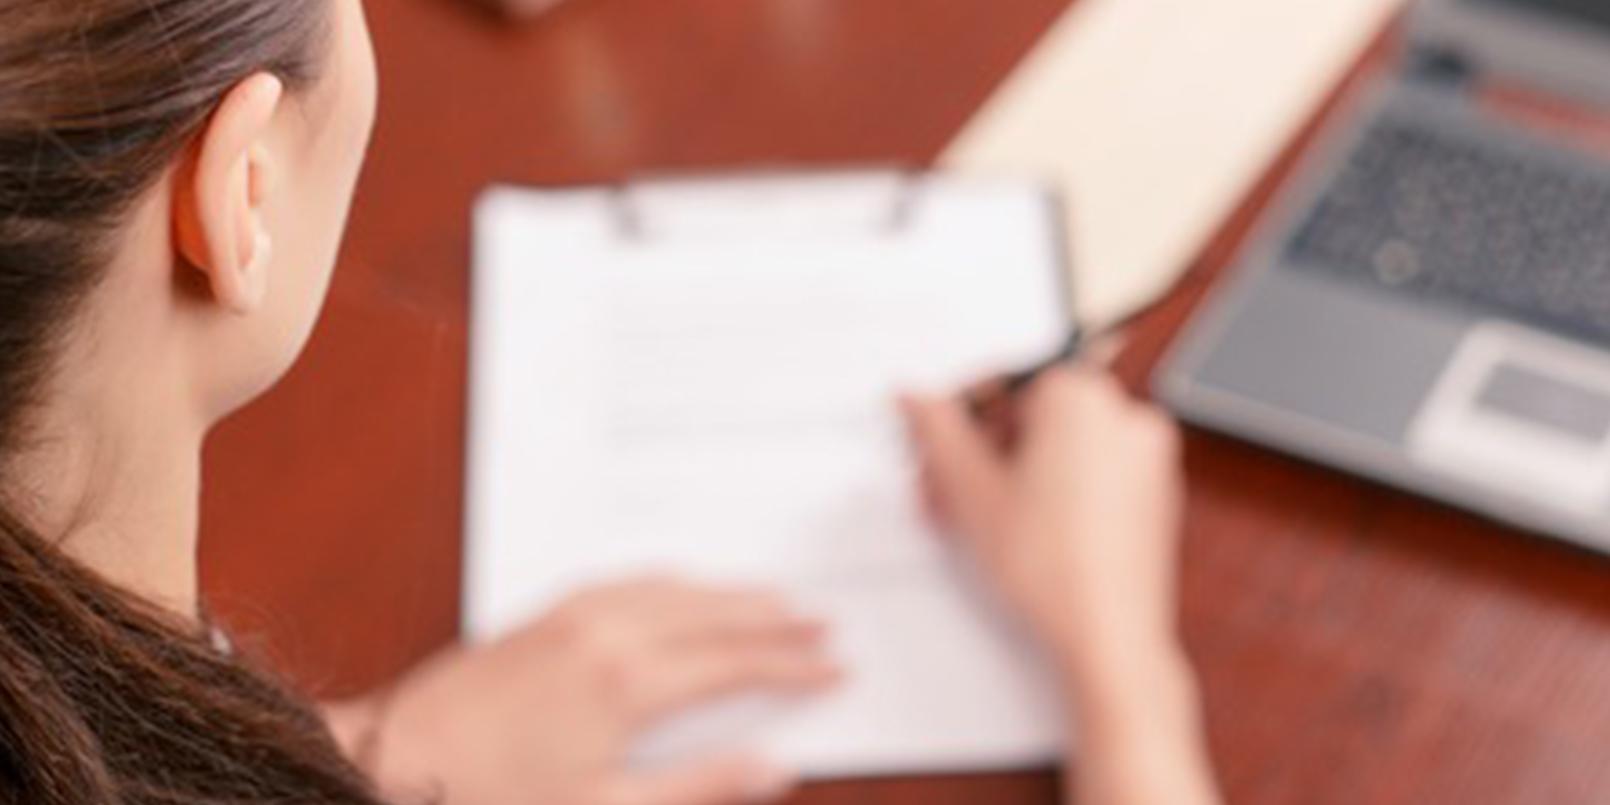 La sentencia del Supremo que fija una indemnización de 20 días para indefinidos no fijos | Sala de prensa Grupo Asesor ADADE y E-Consulting Global Group